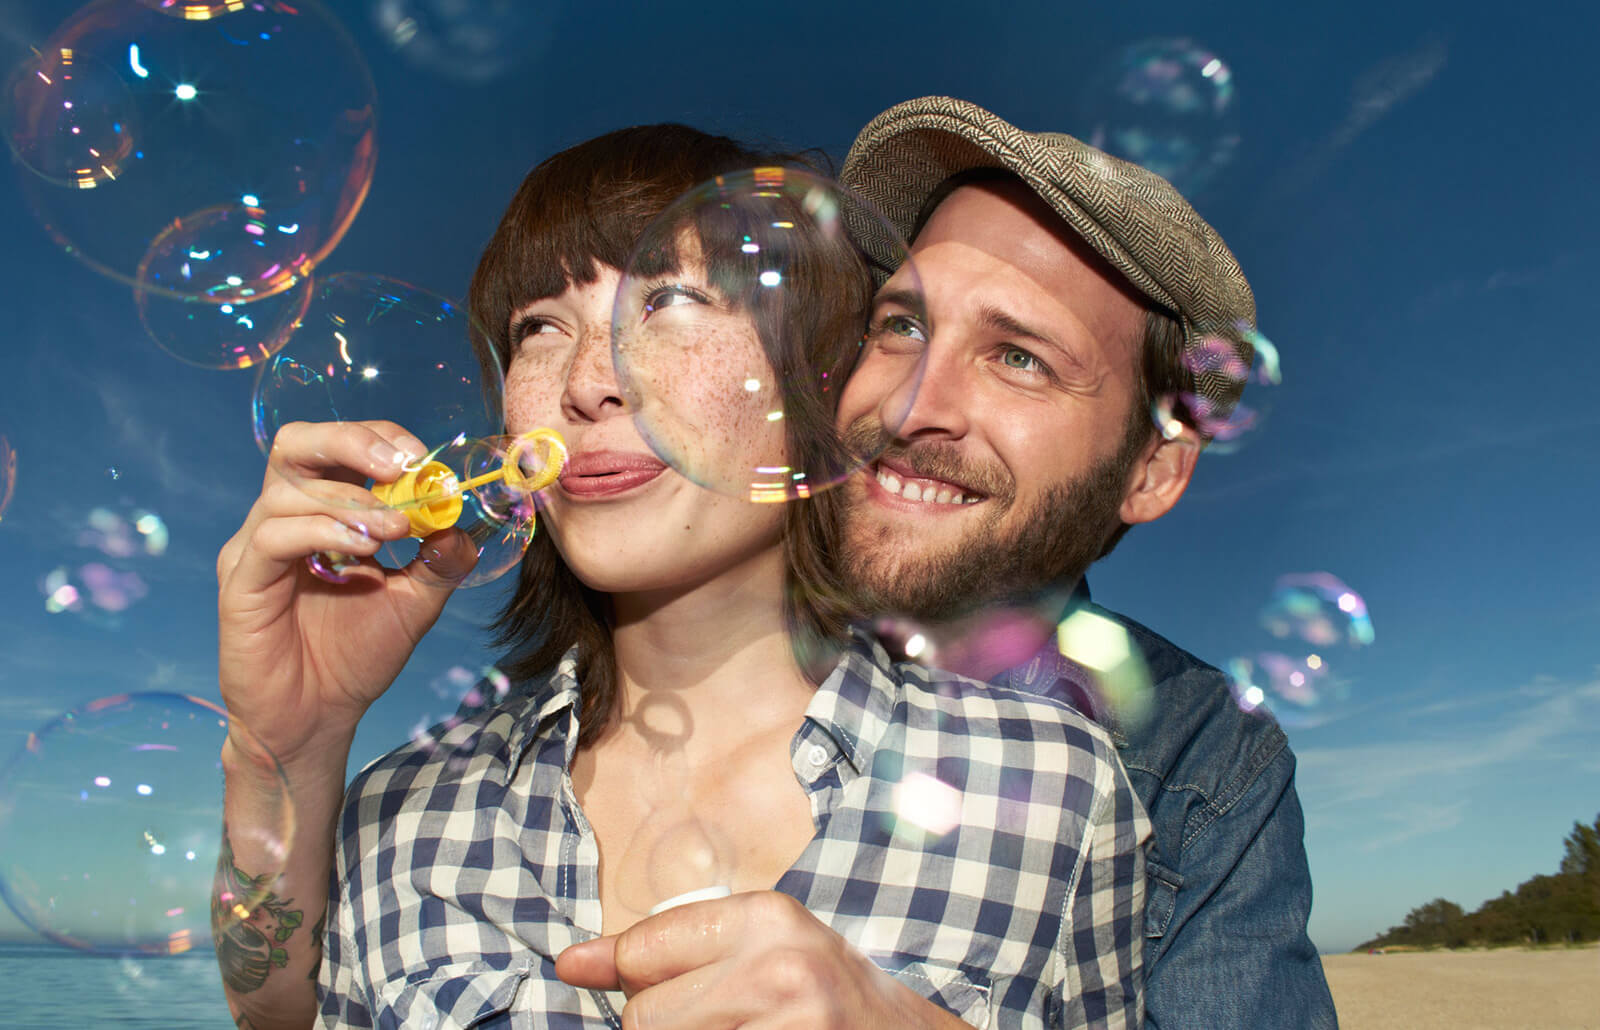 pareja-soplando-burbujas.jpg